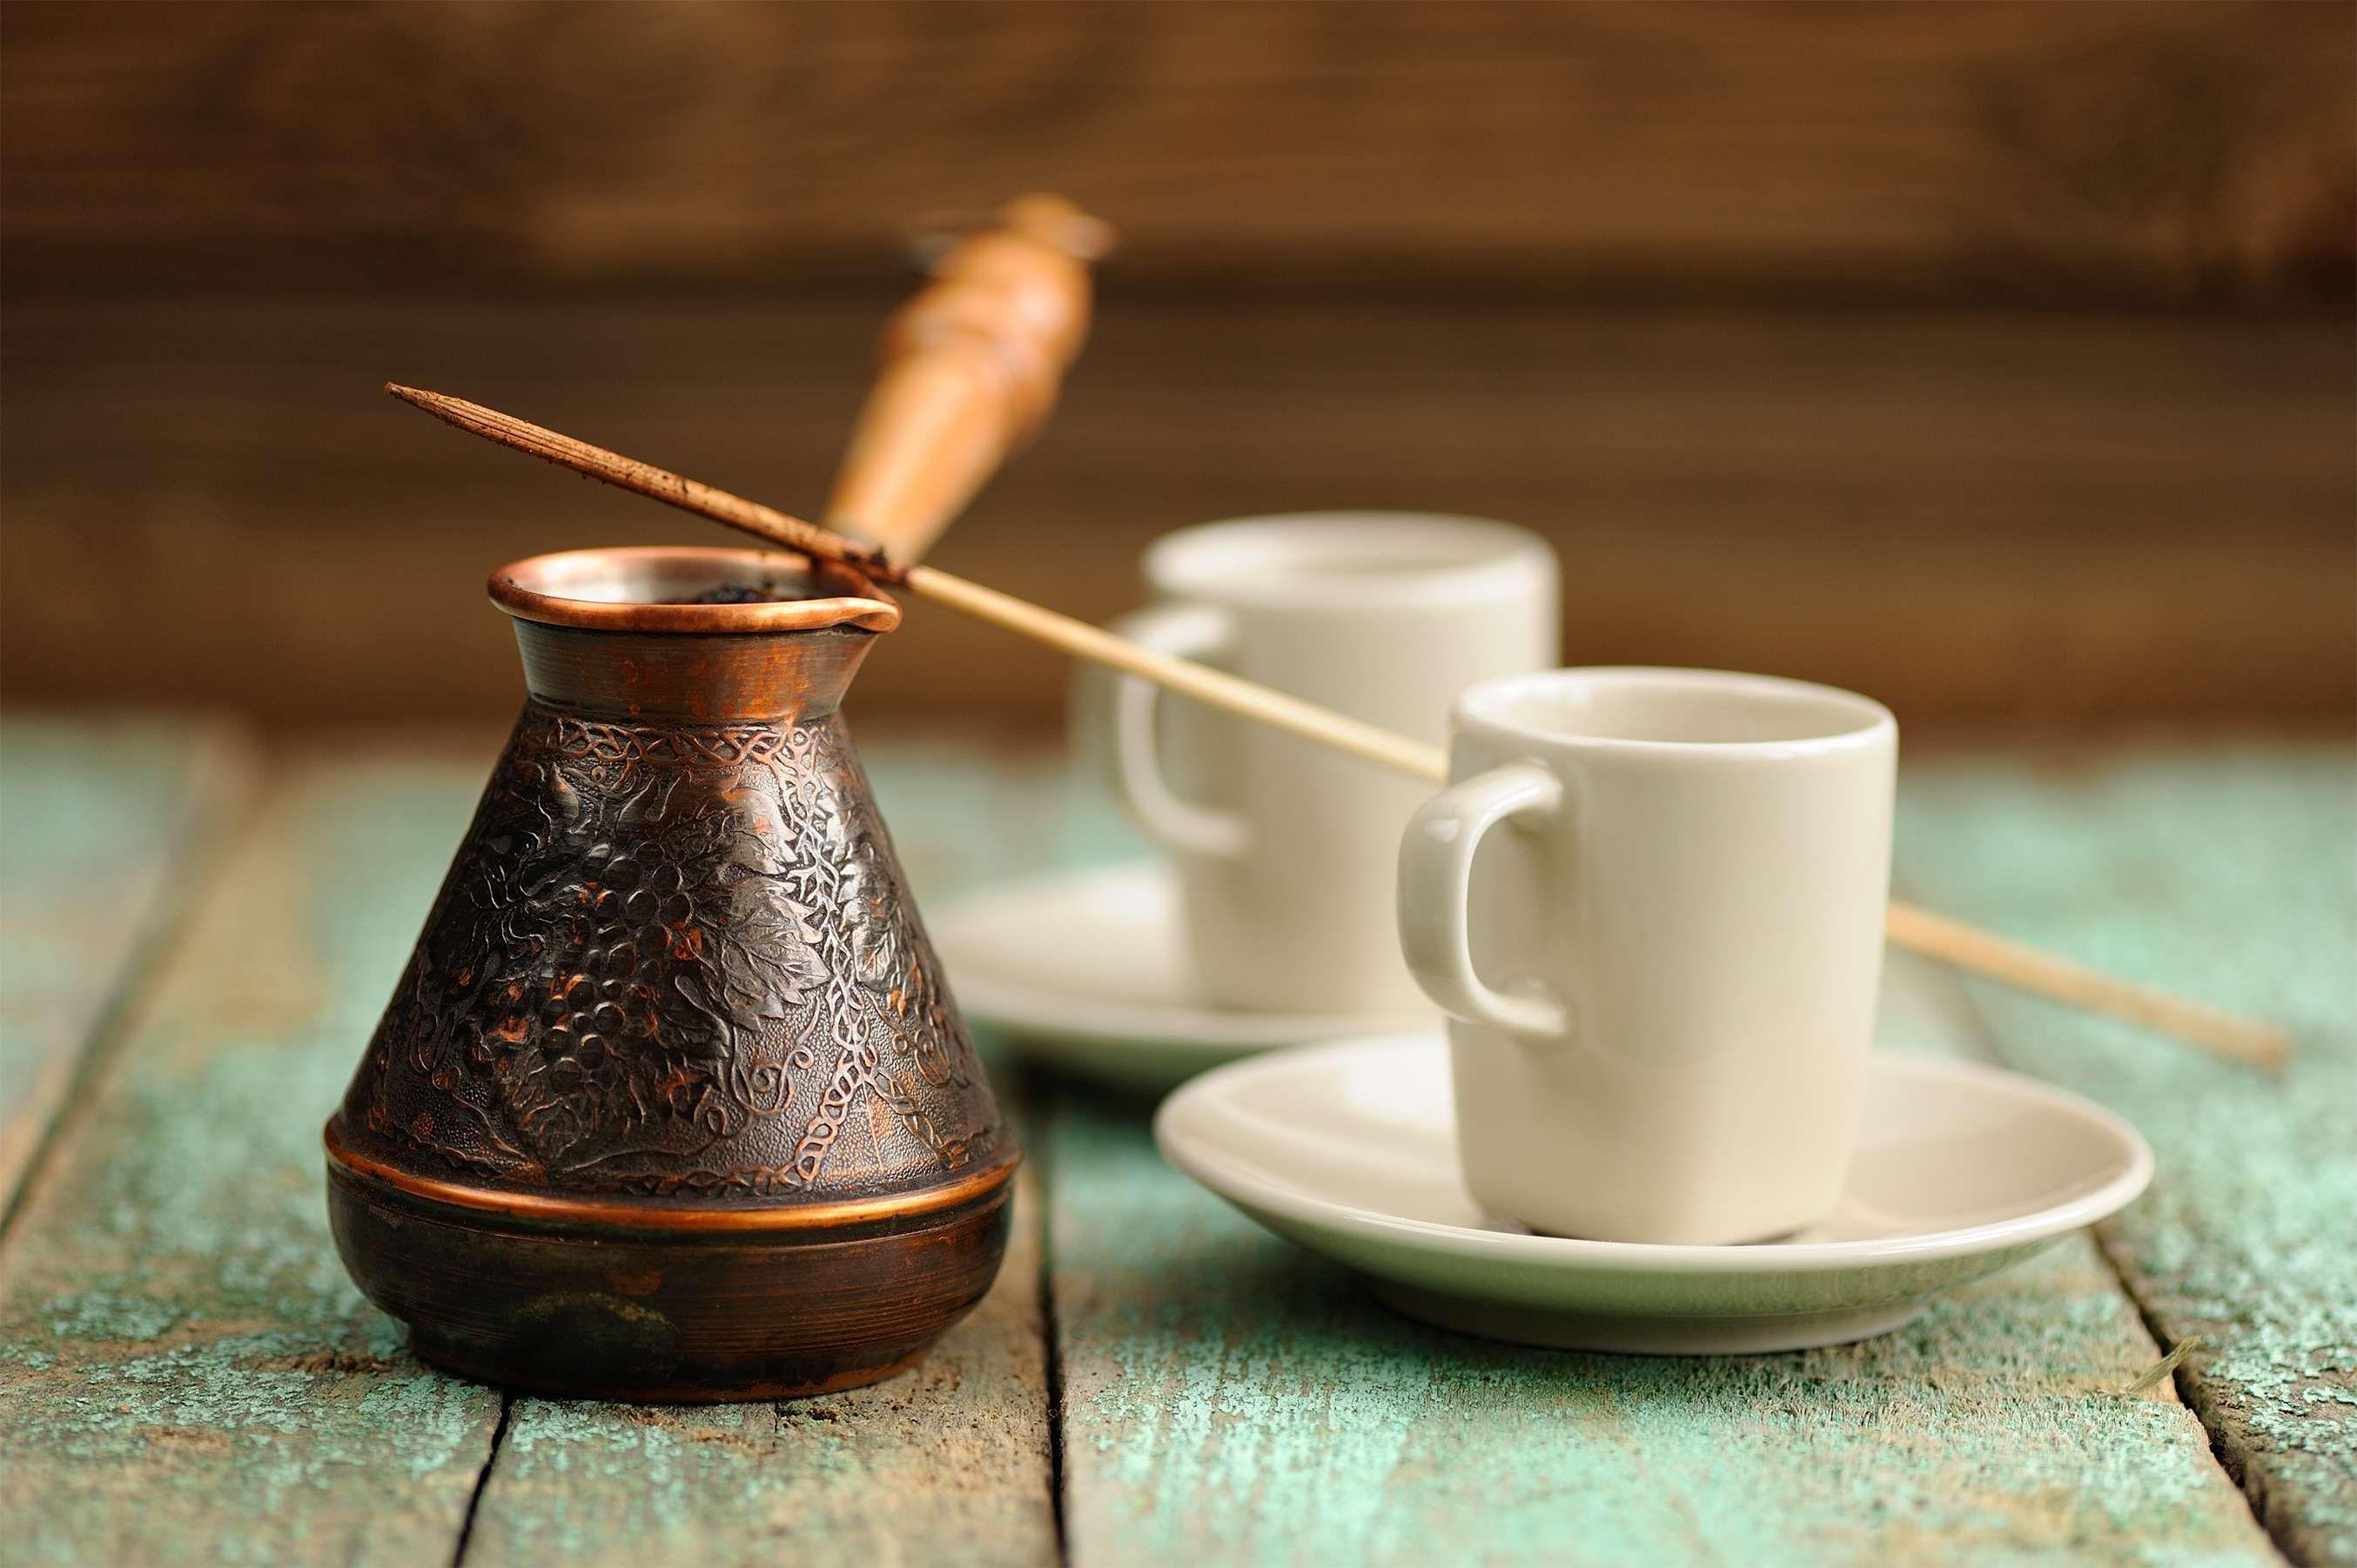 Turkischer Kaffee So Bereitet Man Ihn Zu Turkischer Kaffee Mokka Kaffee Kaffee